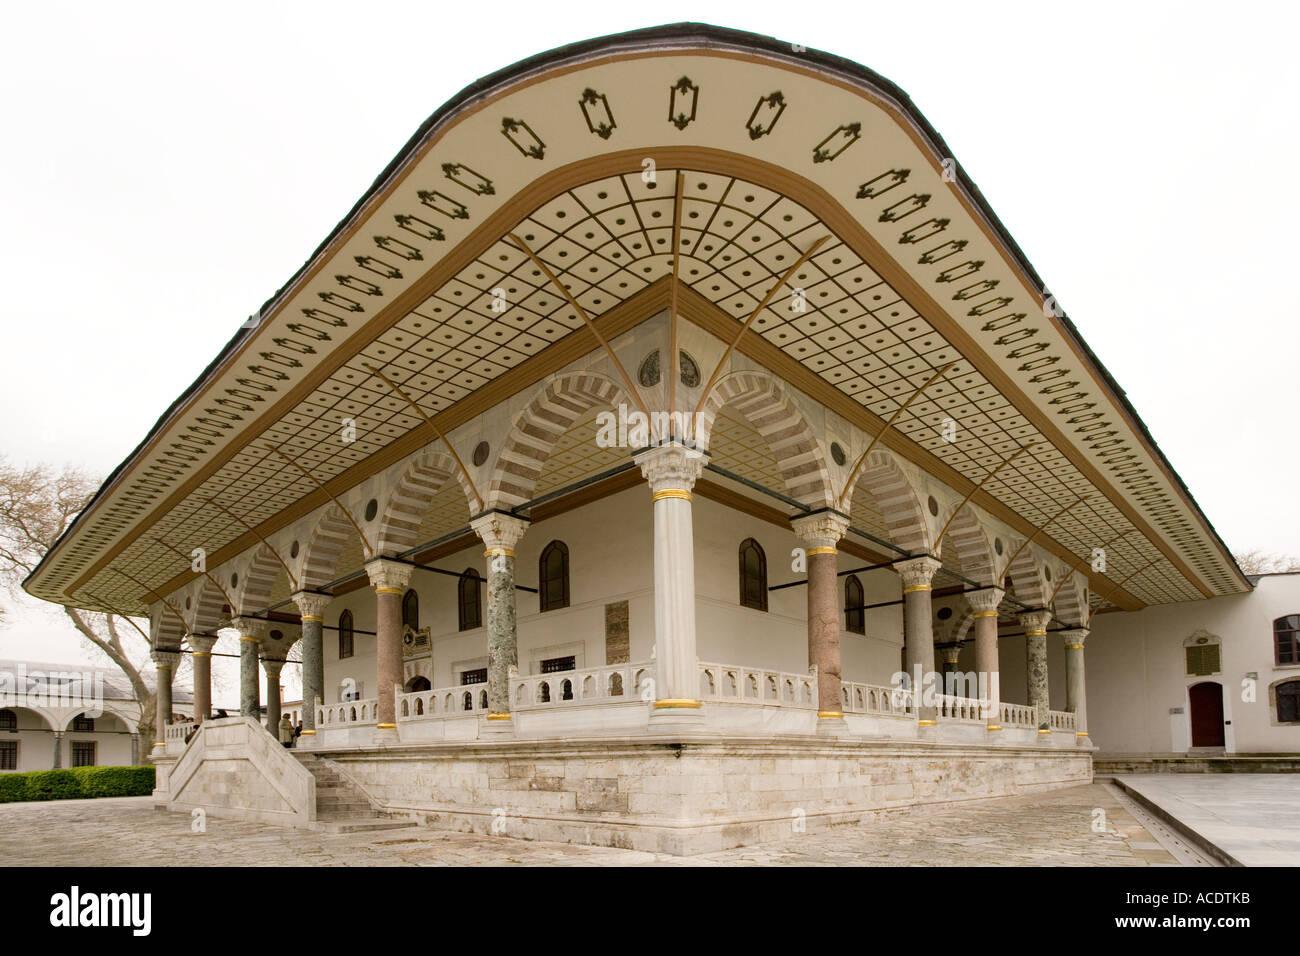 Il Divano Di Istanbul.Il Divano Letto In Camera Il Palazzo Topkapi Ad Istanbul In Turchia